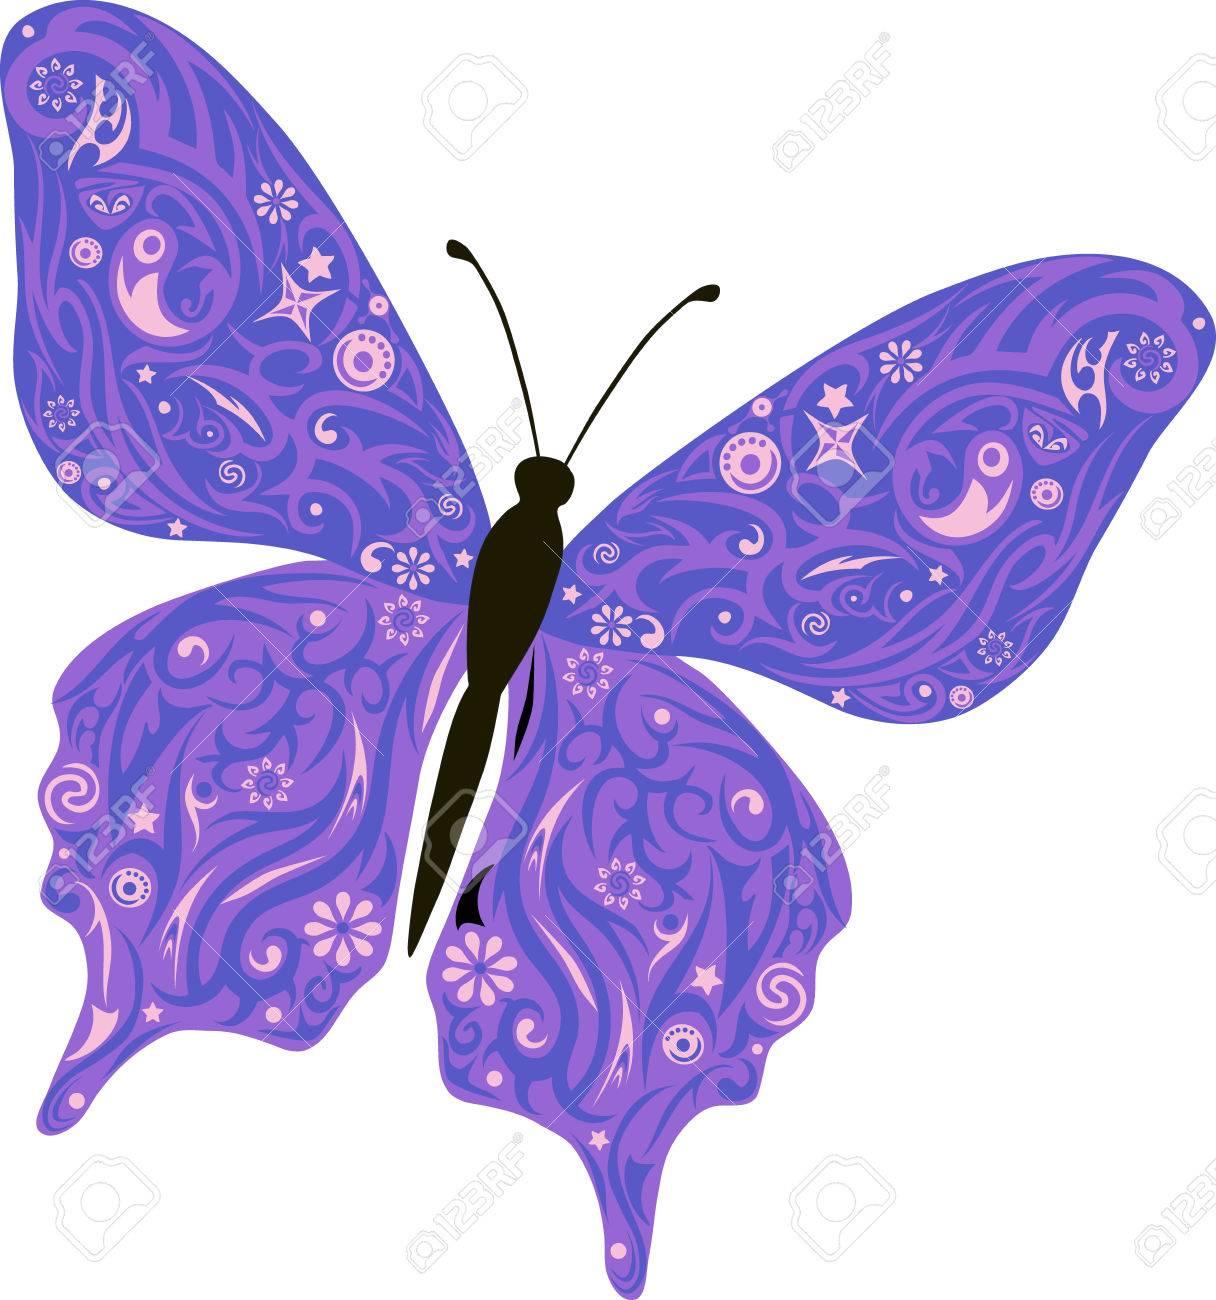 Aile De Papillon Dessin le papillon vole, un modèle sur les ailes, l'animal avec le dessin